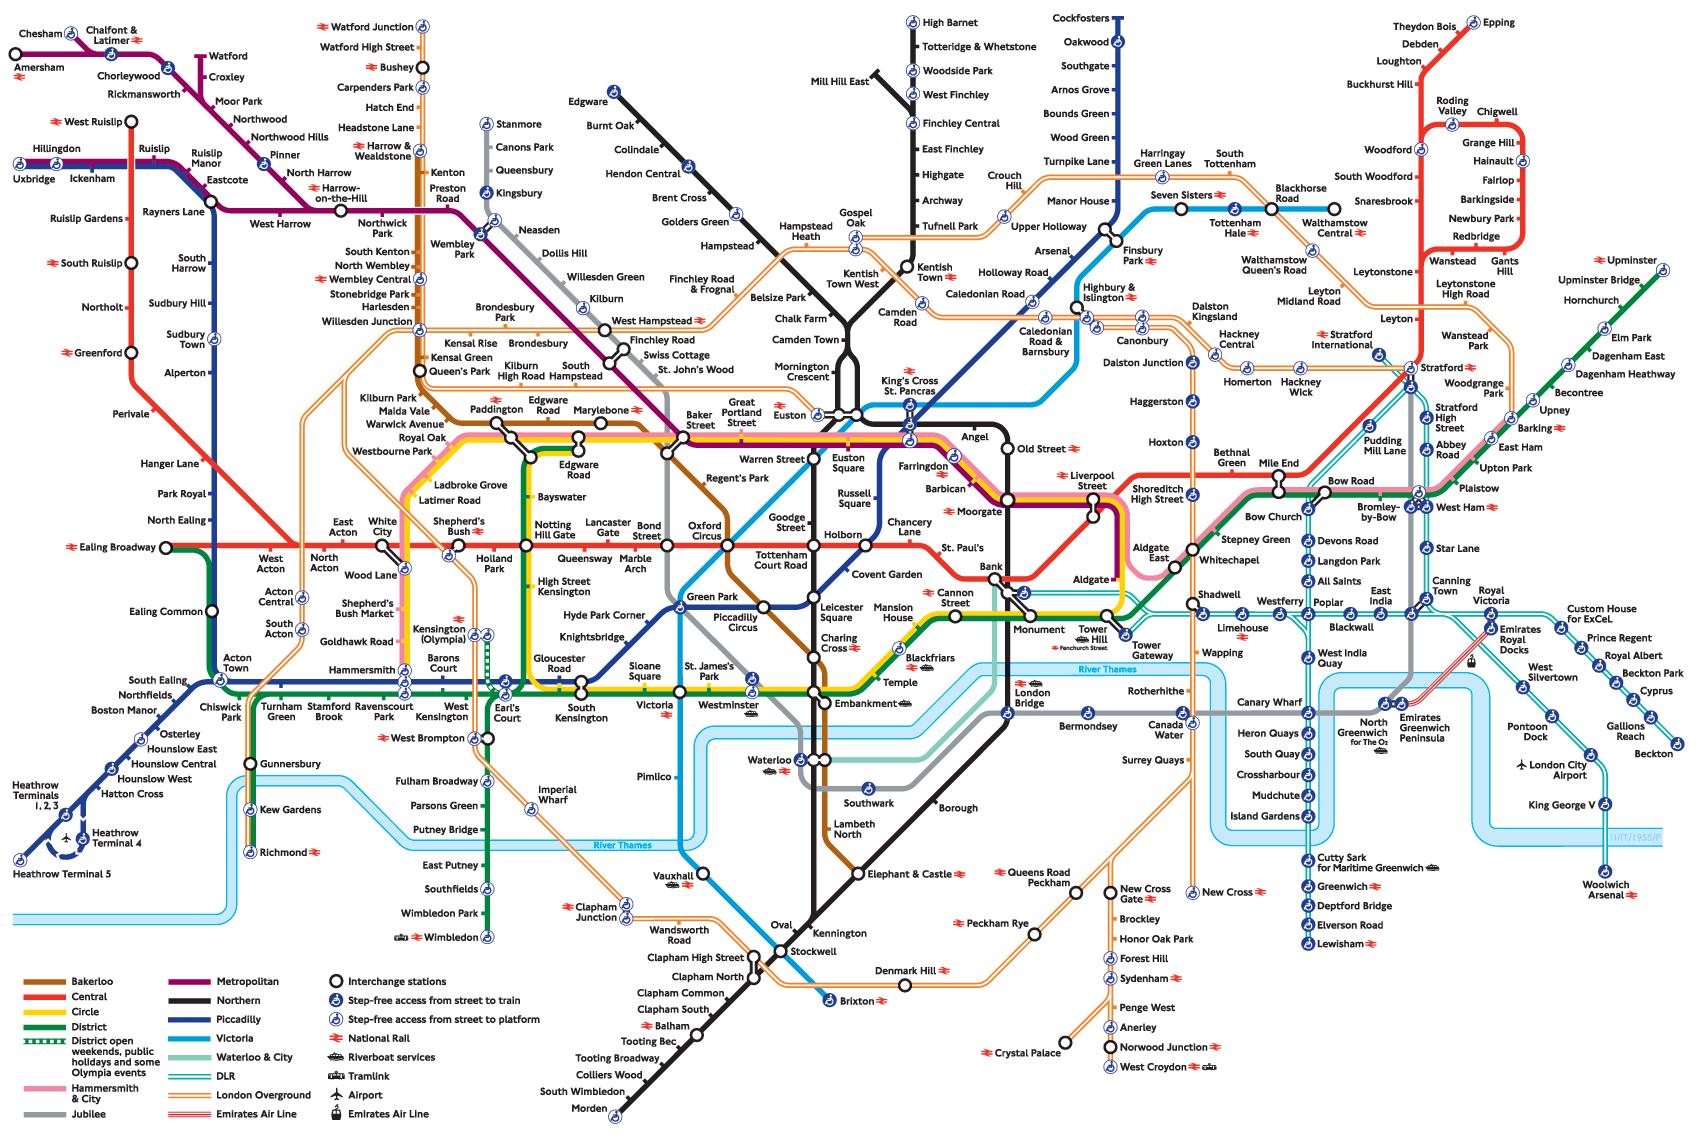 Londen underground map